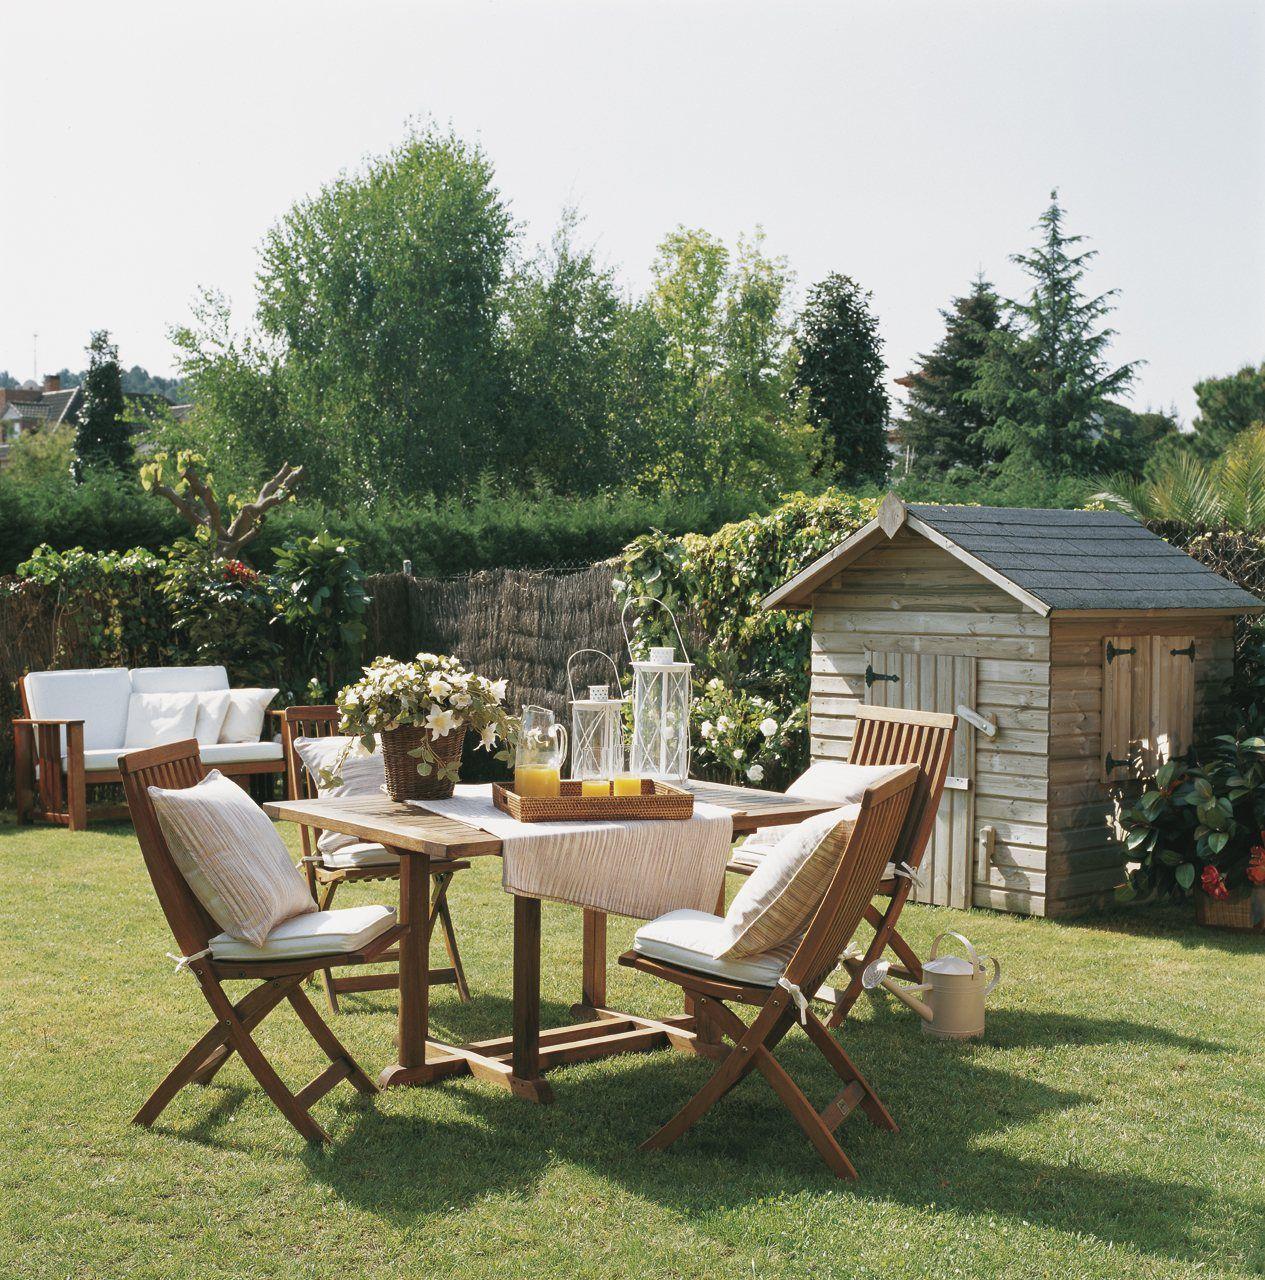 11 comedores de verano madera comedores al aire libre for Jardin al aire libre de madera deco